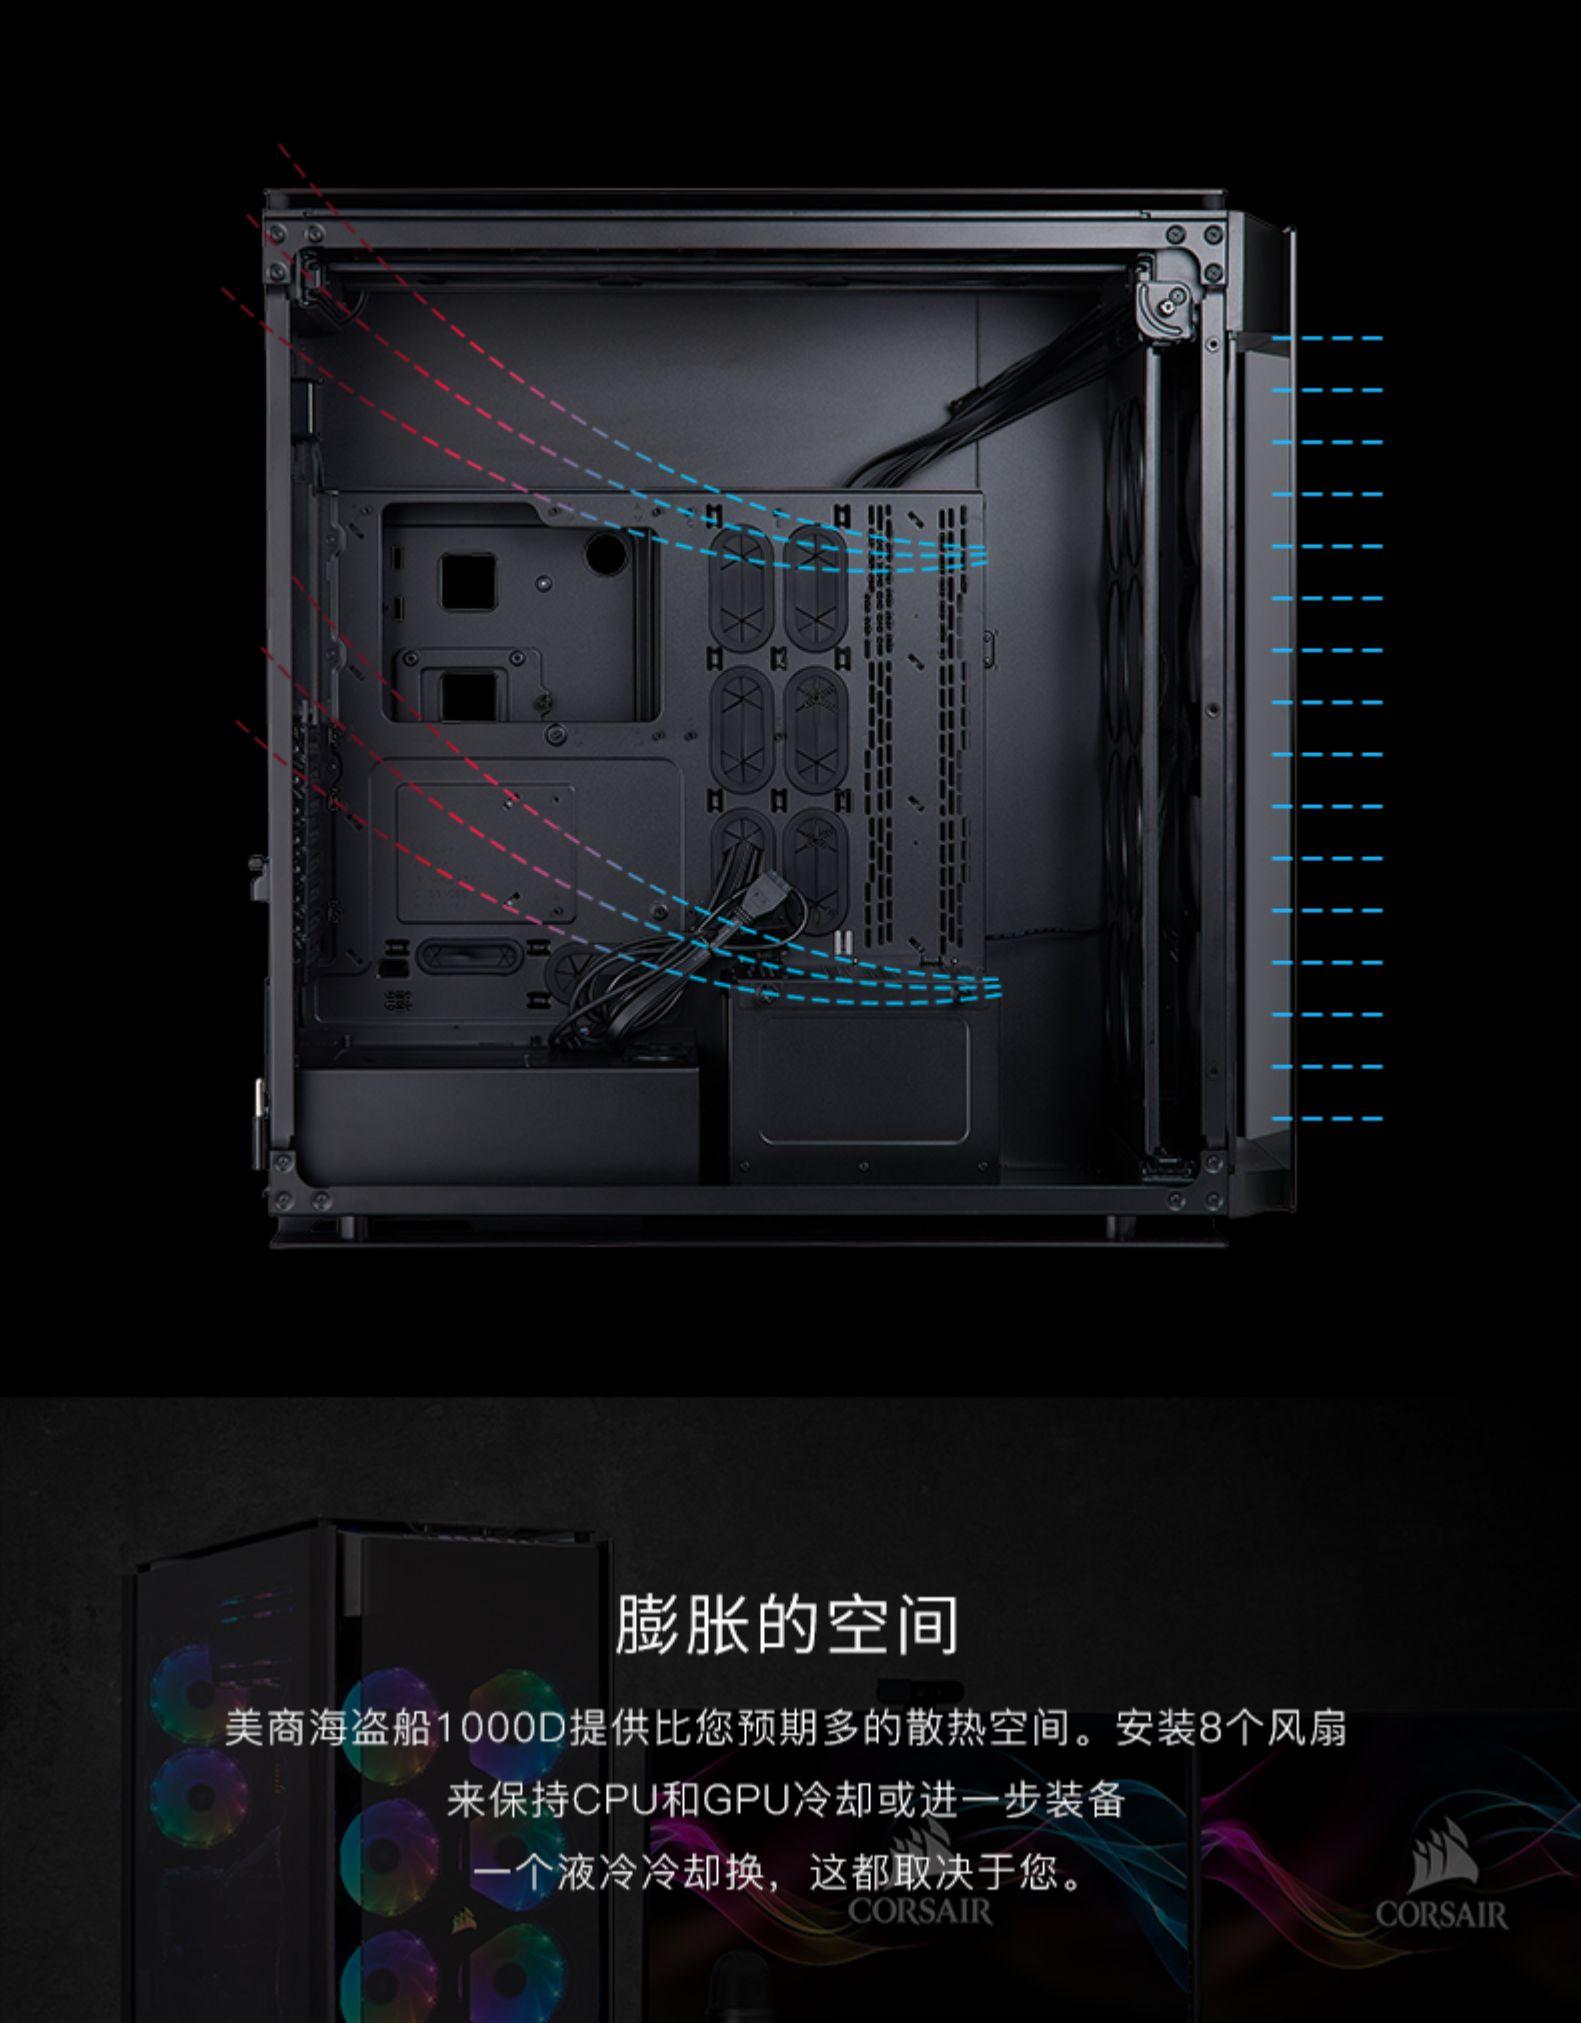 Thùng CPU Tàu hải tặc Mỹ 1000D, tòa tháp đầy đủ vỏ bọc cửa hàng hải tặc, vỏ bọc tàu thuỷ tinh, nhân